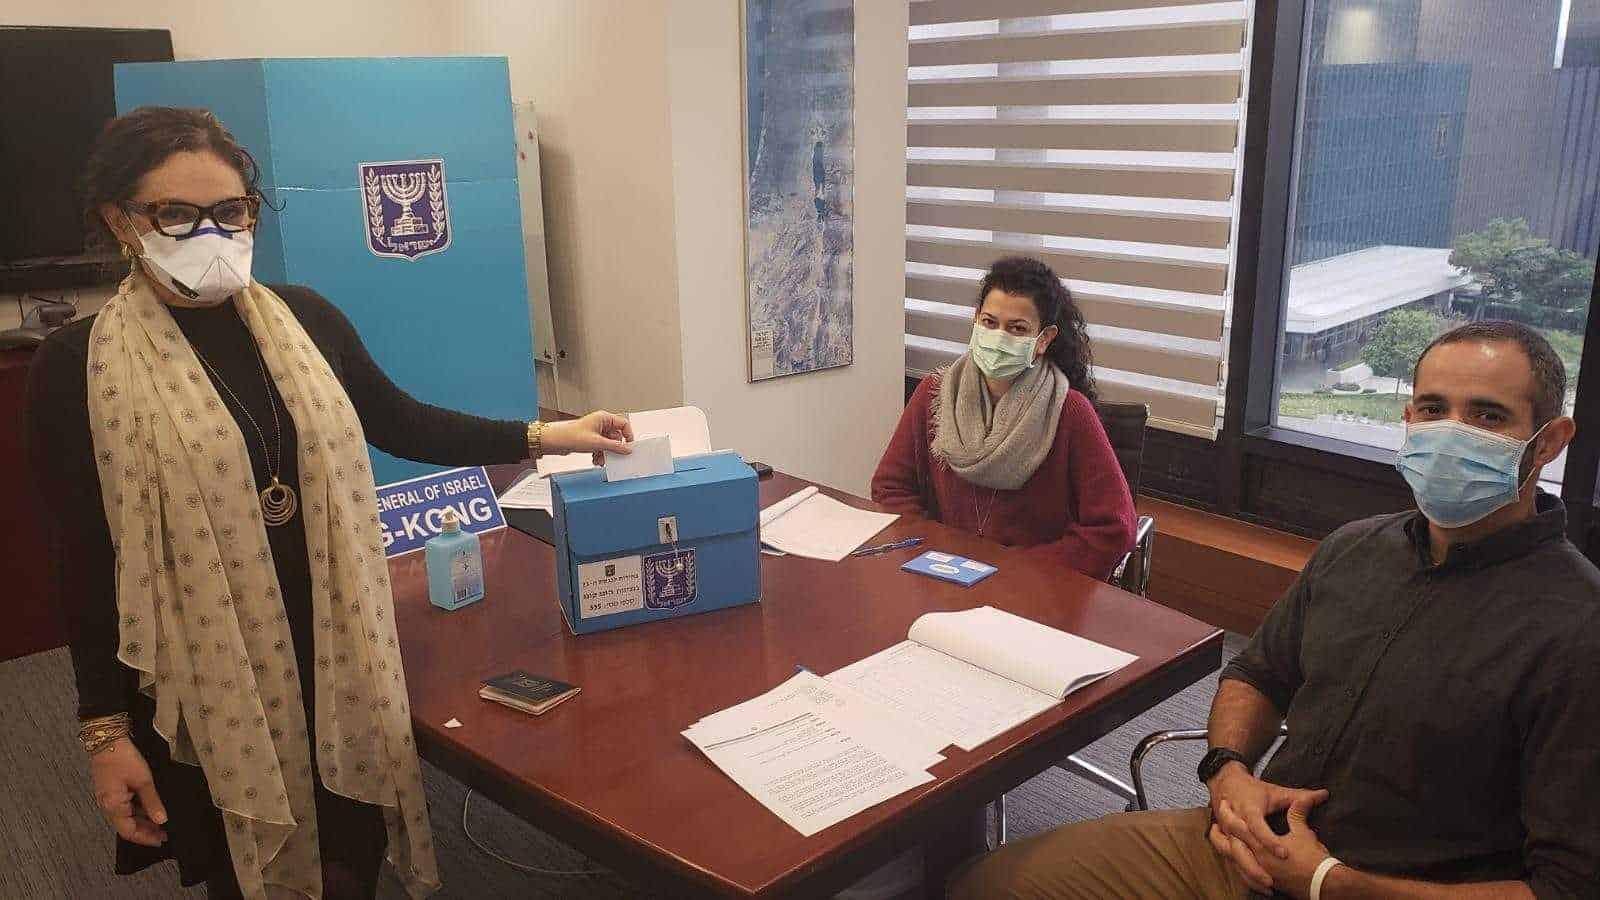 בחירות 2020 בהונג קונג (צילום: דוברות משרד החוץ)